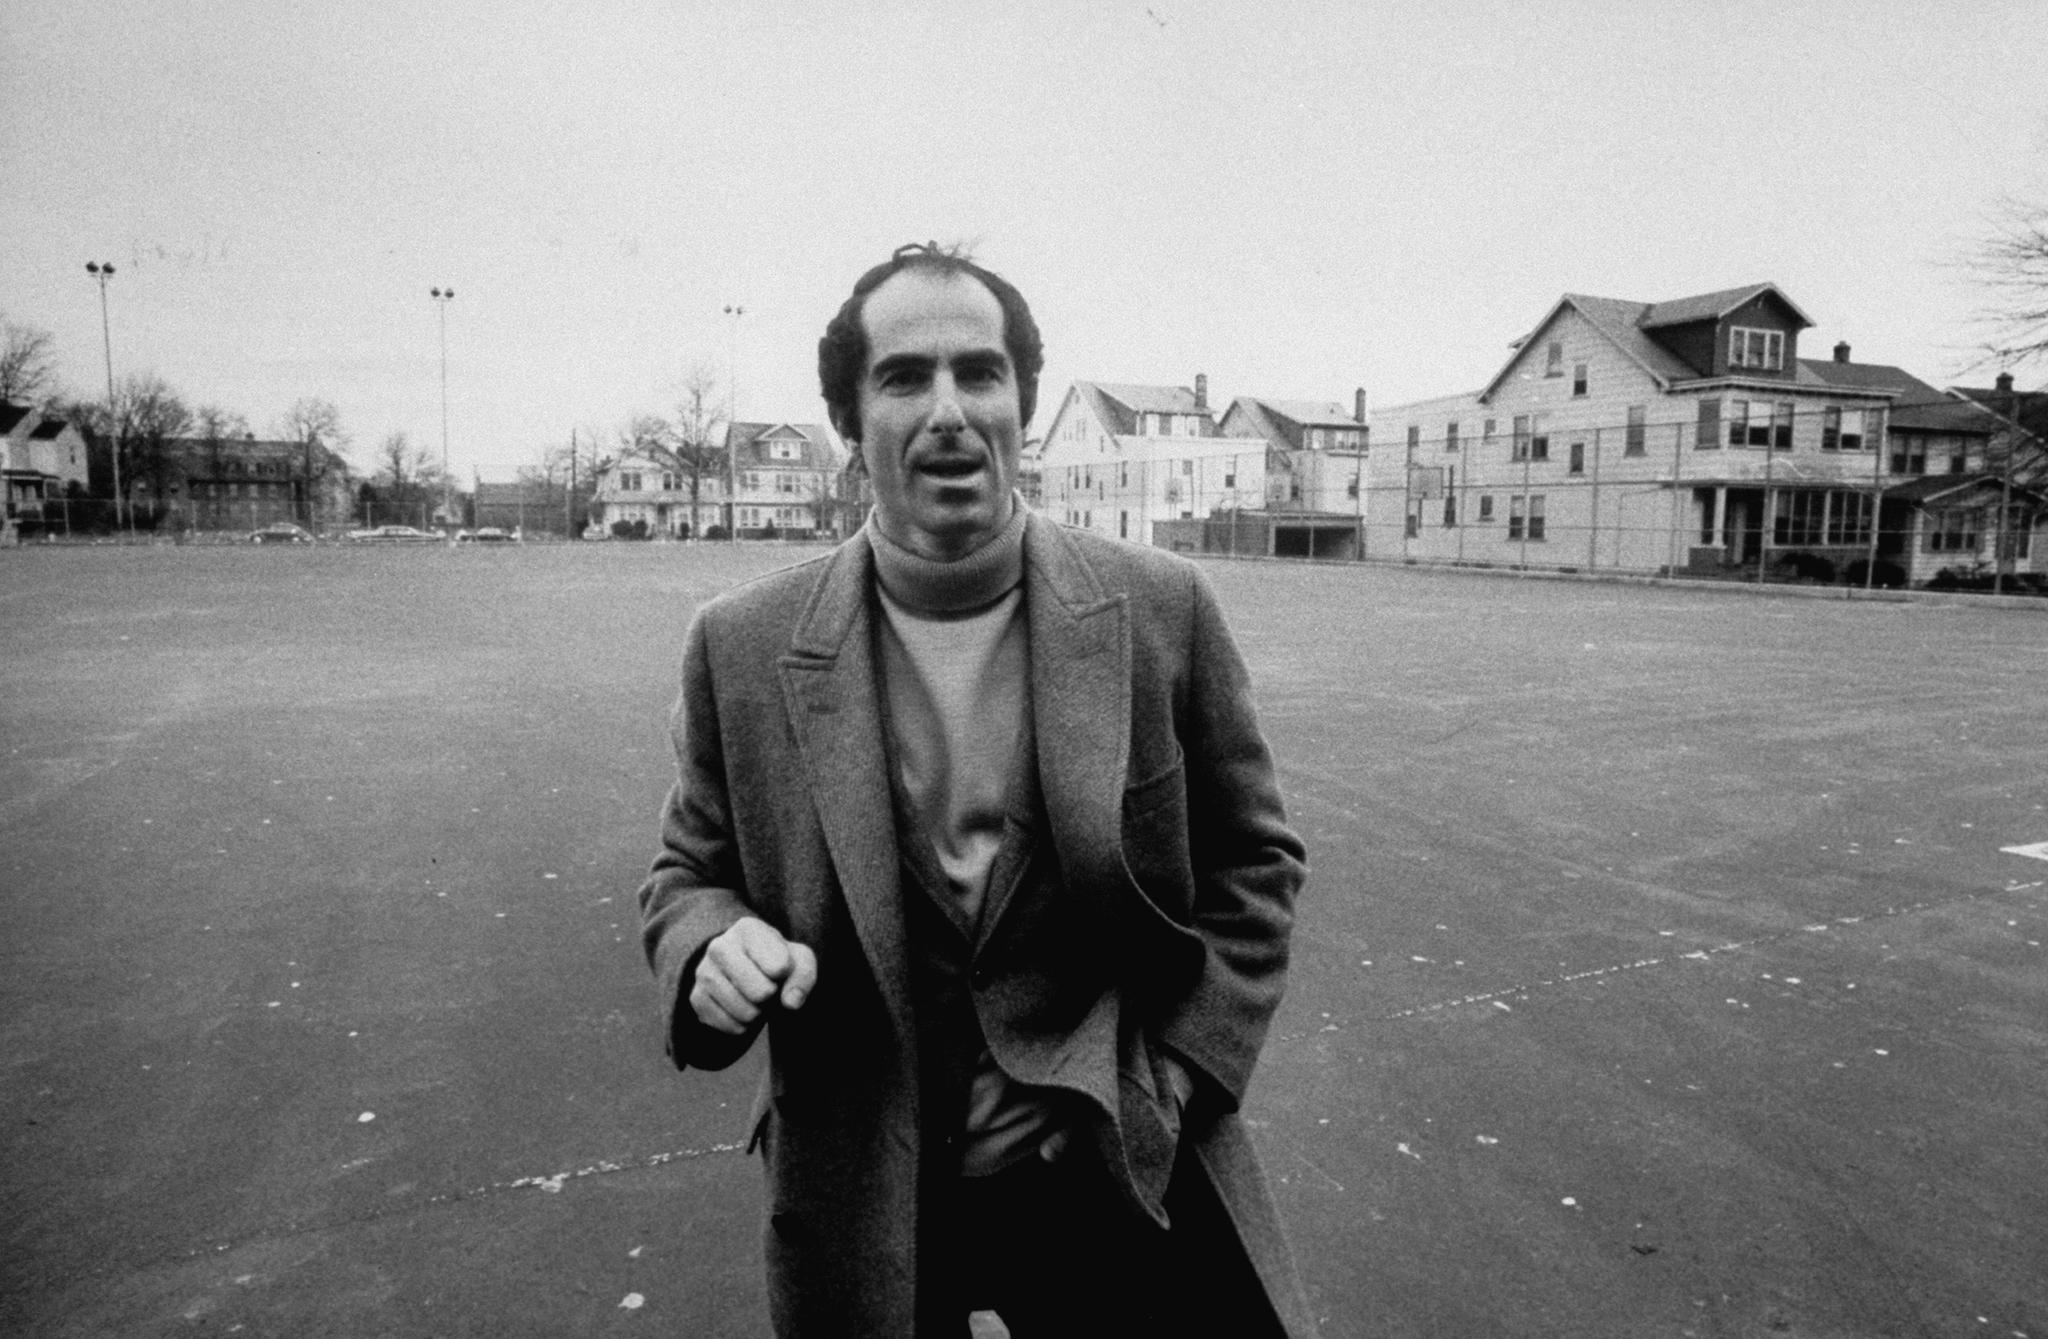 小說家菲利普‧彌爾頓‧羅斯(Philip Milton Roth)生於 1933 年 3 月 19 日,於 2018 年 5 月 22 日逝世。